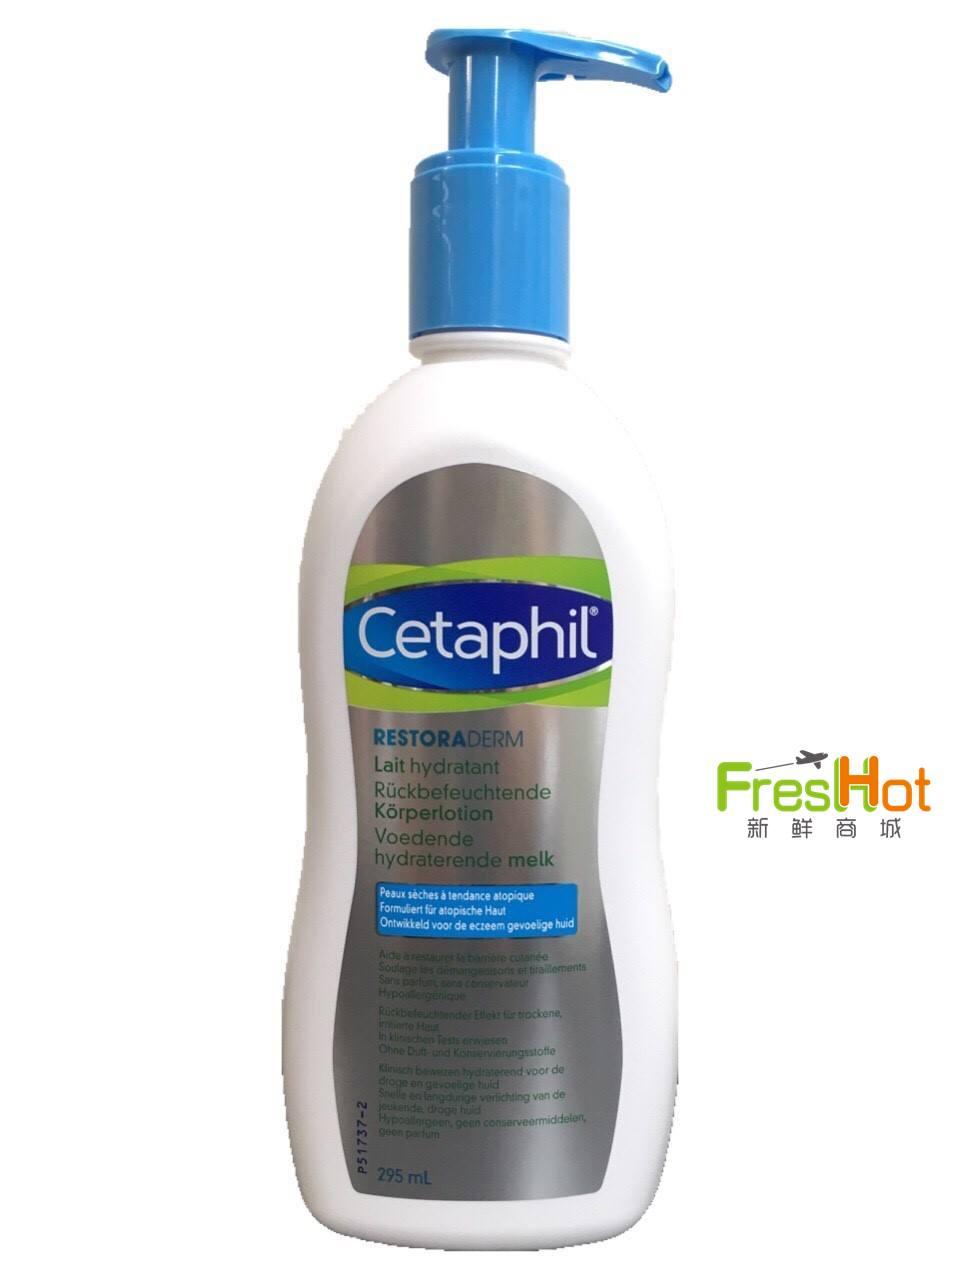 【現貨】新鮮商城-Cetaphil 舒特膚 AD 益膚康修護滋養乳液 295ml 異膚敏乳液 無香